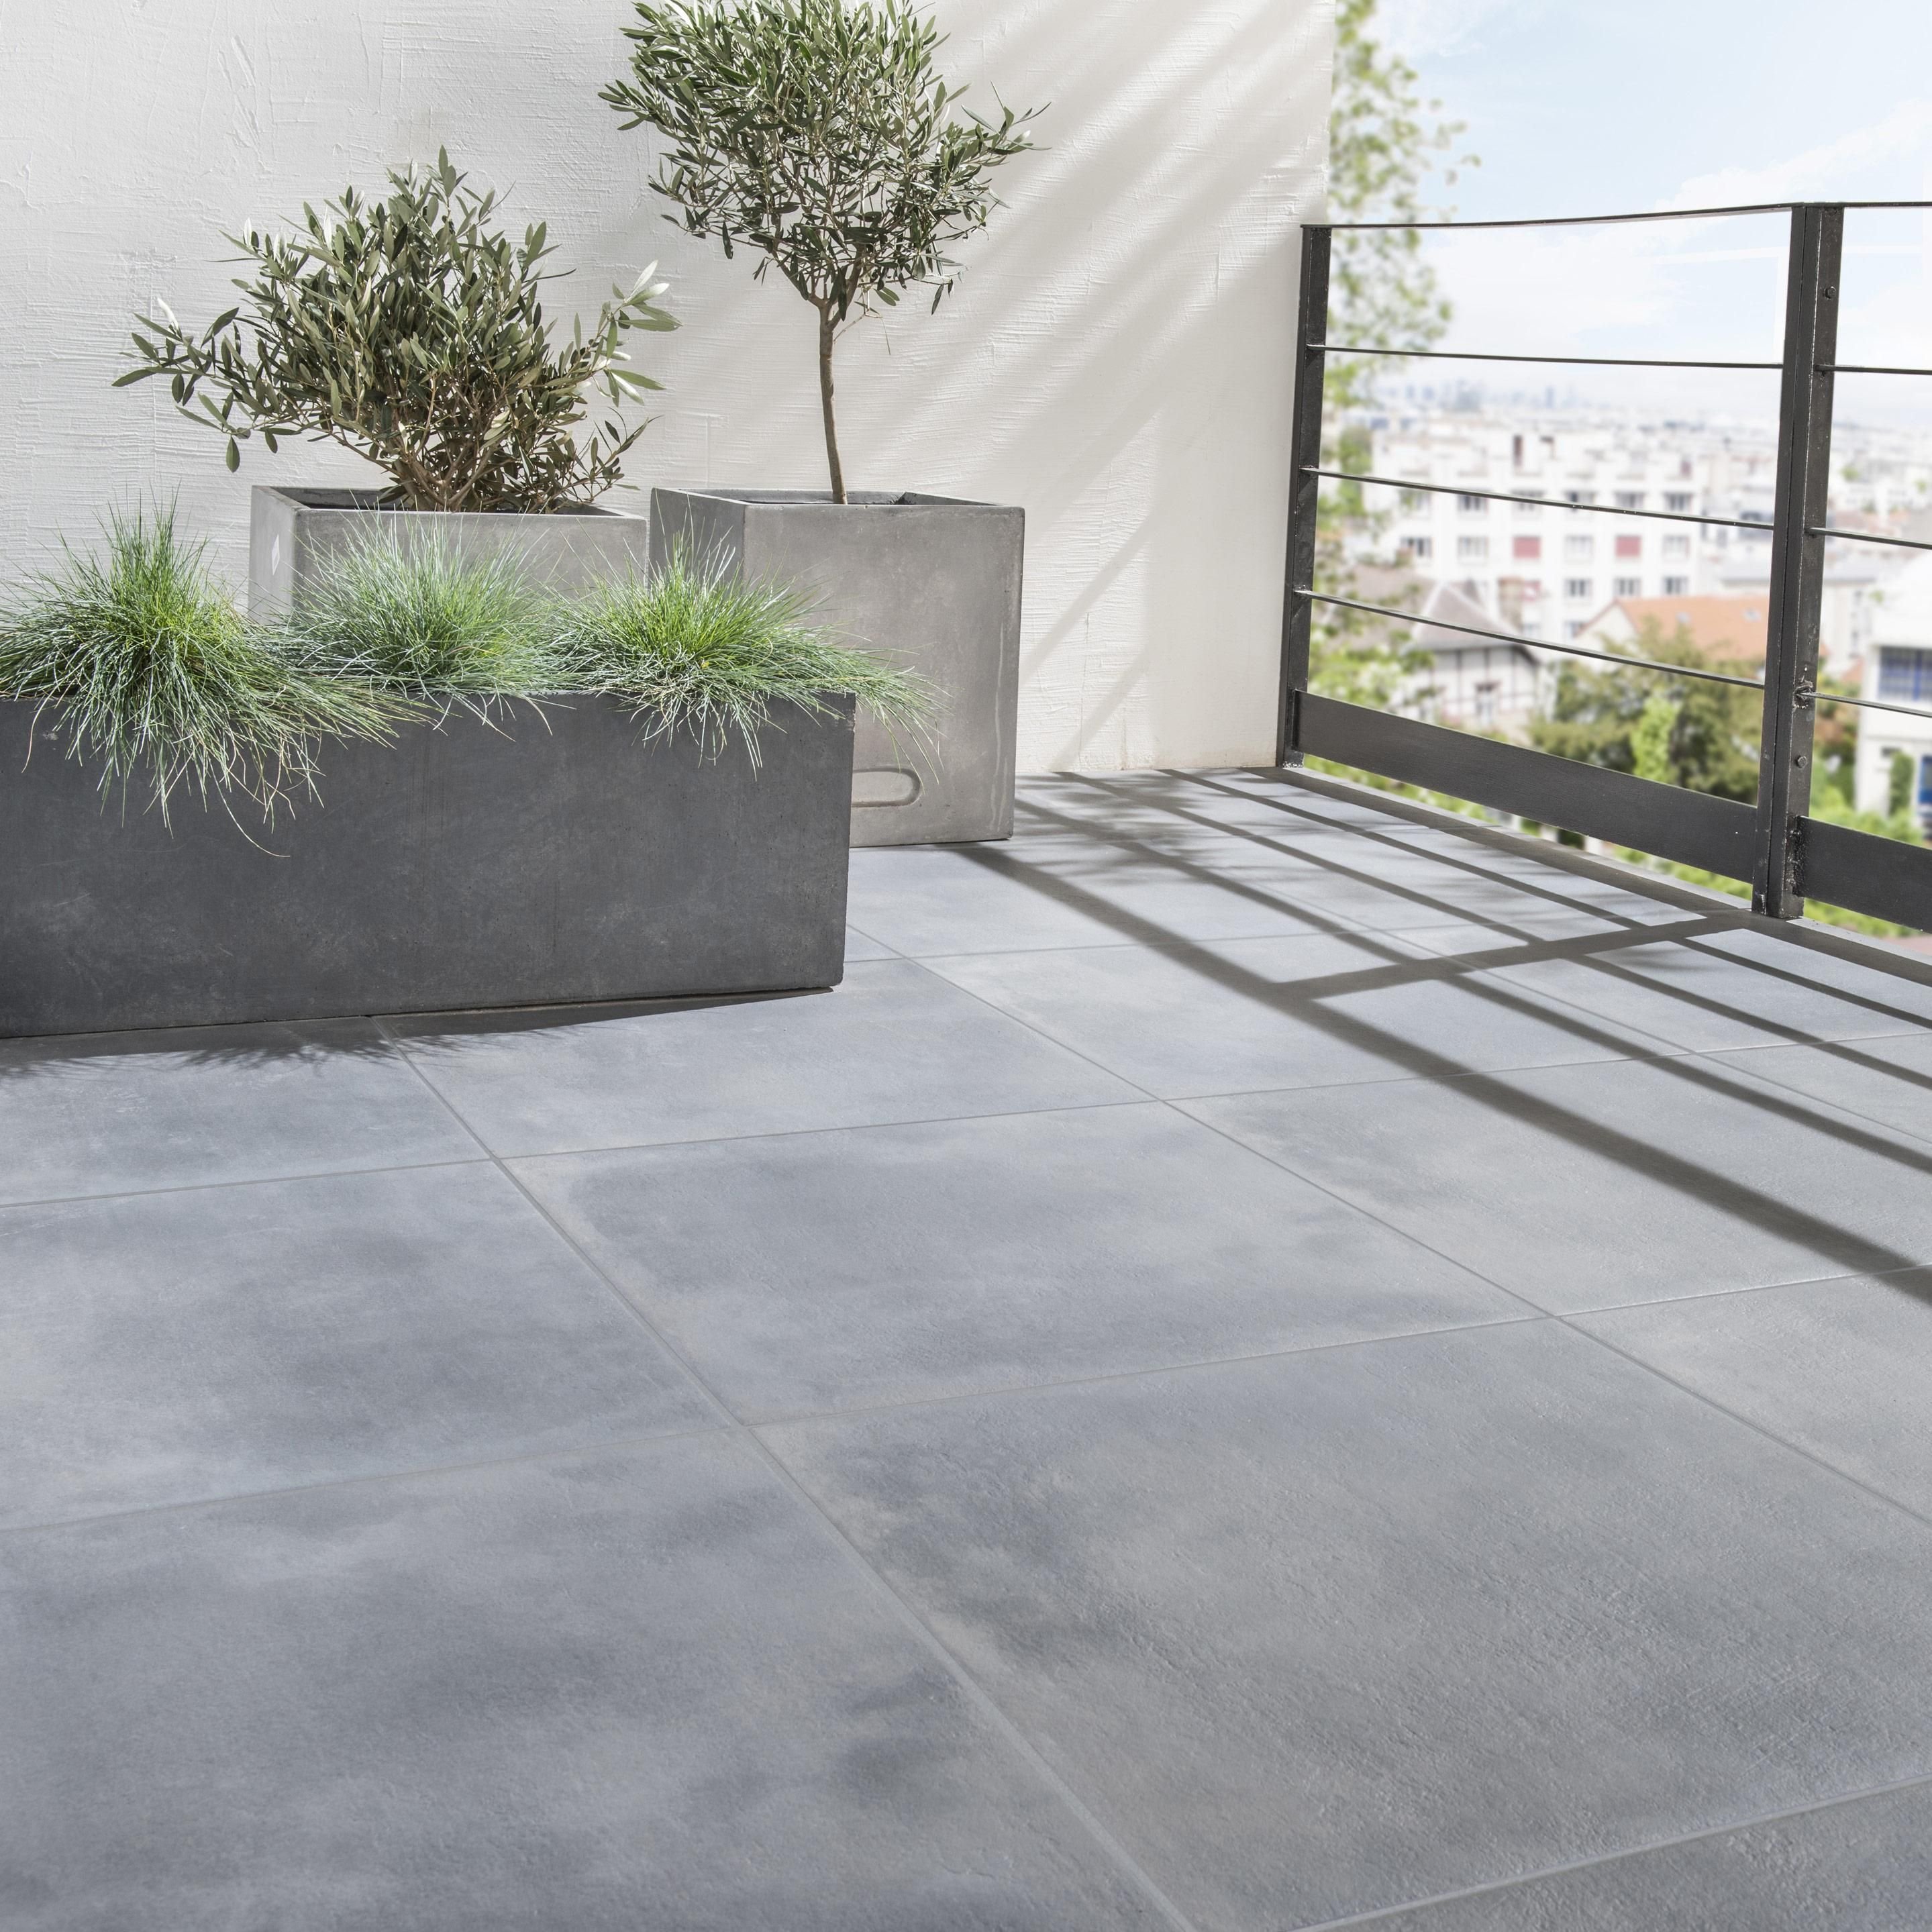 Carrelage Sol Et Mur Exterieur Forte Pierre Noir Dolce Vita L 60 X L 60 Cm Arten In 2020